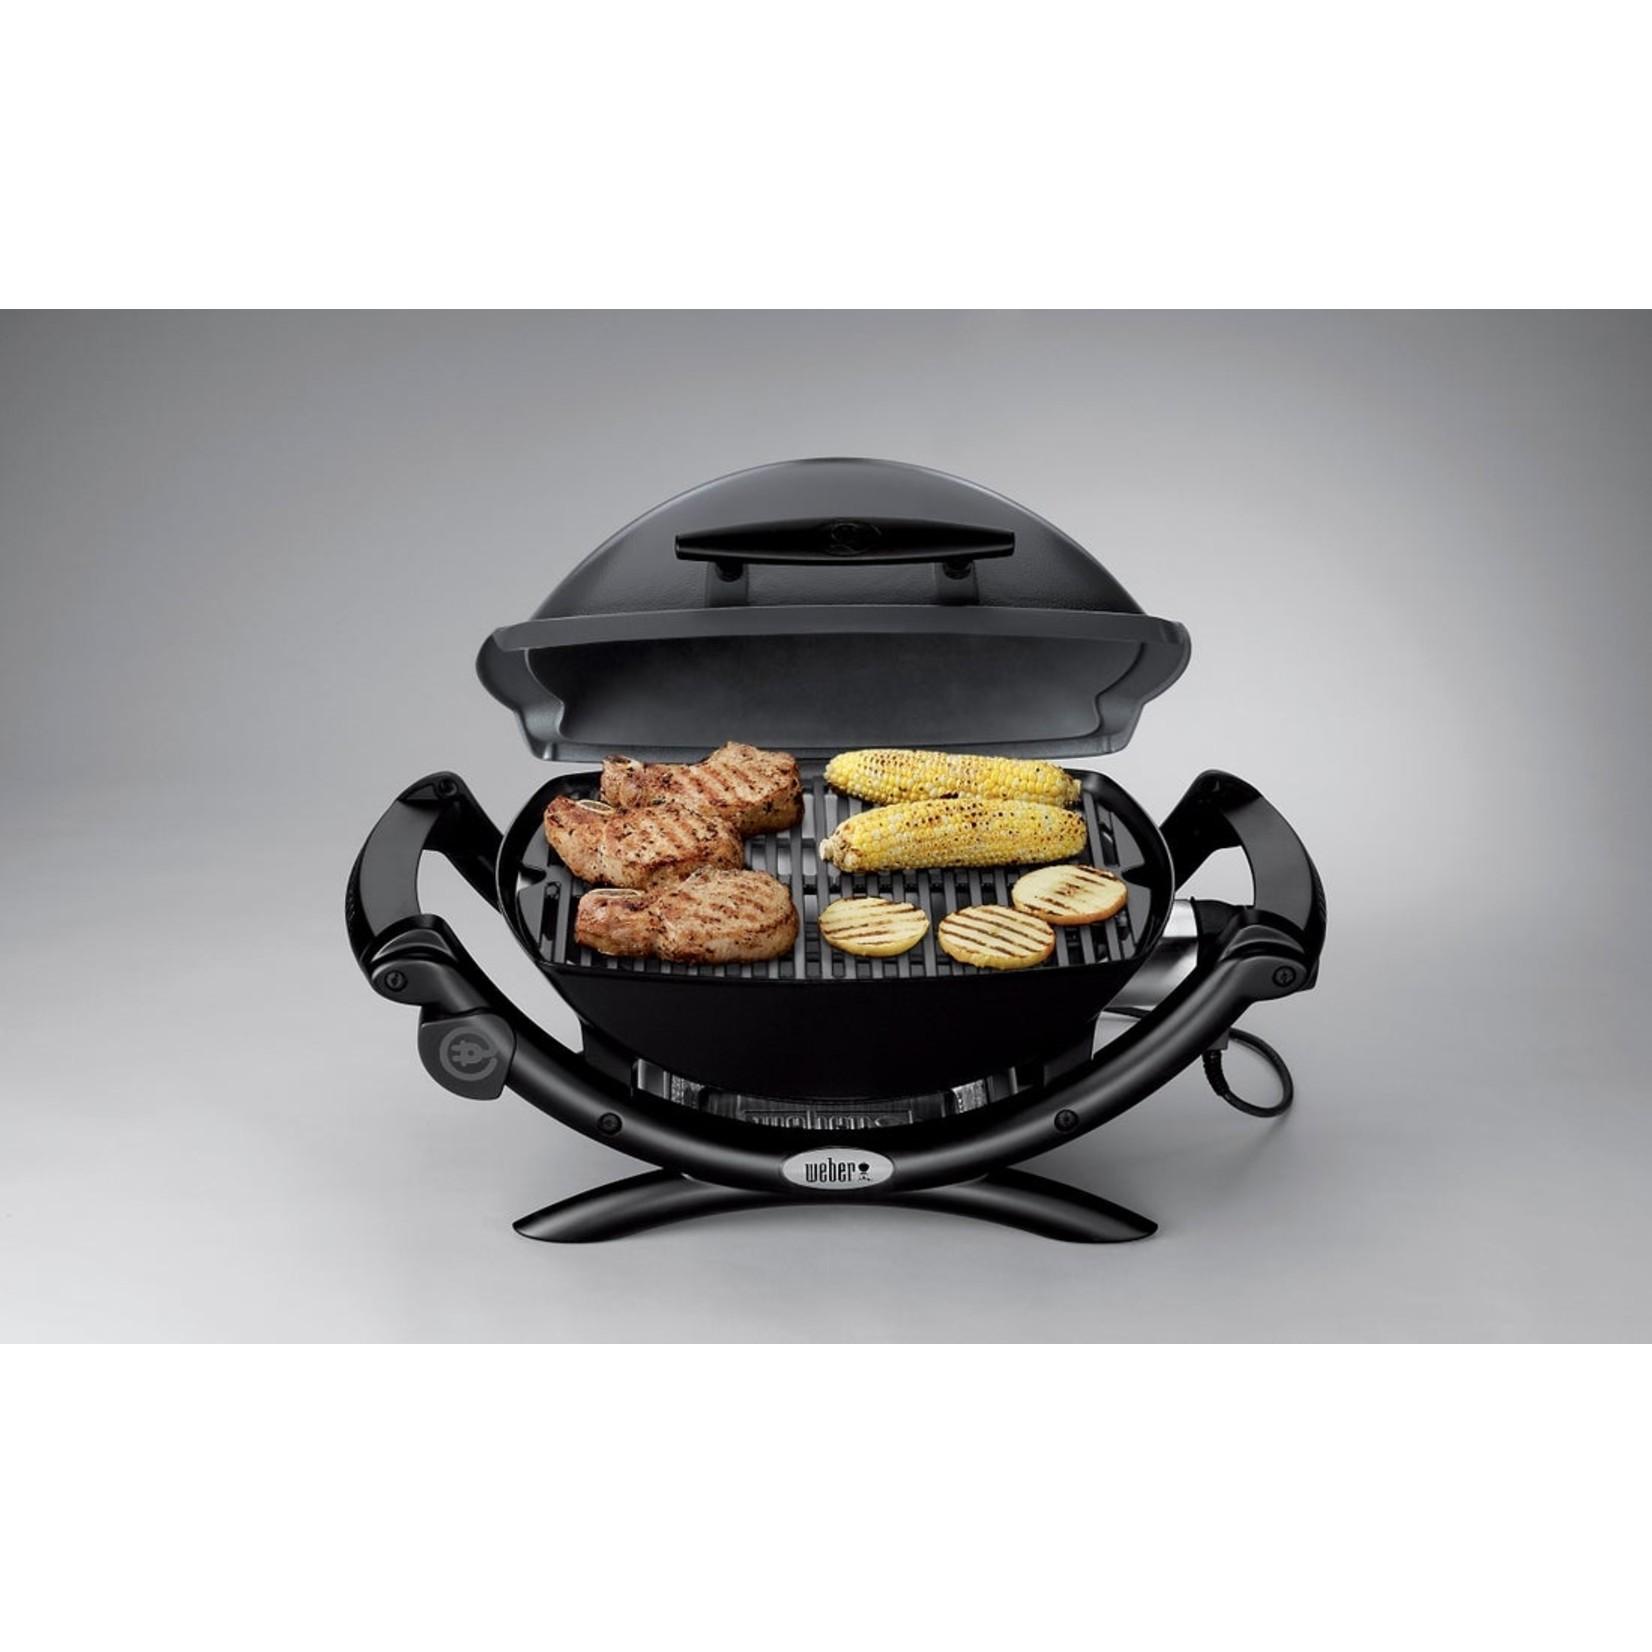 Weber Weber® Q 1400 elektrische barbecue met stand  Dark grey. Grilloppervlakte 42x32cm